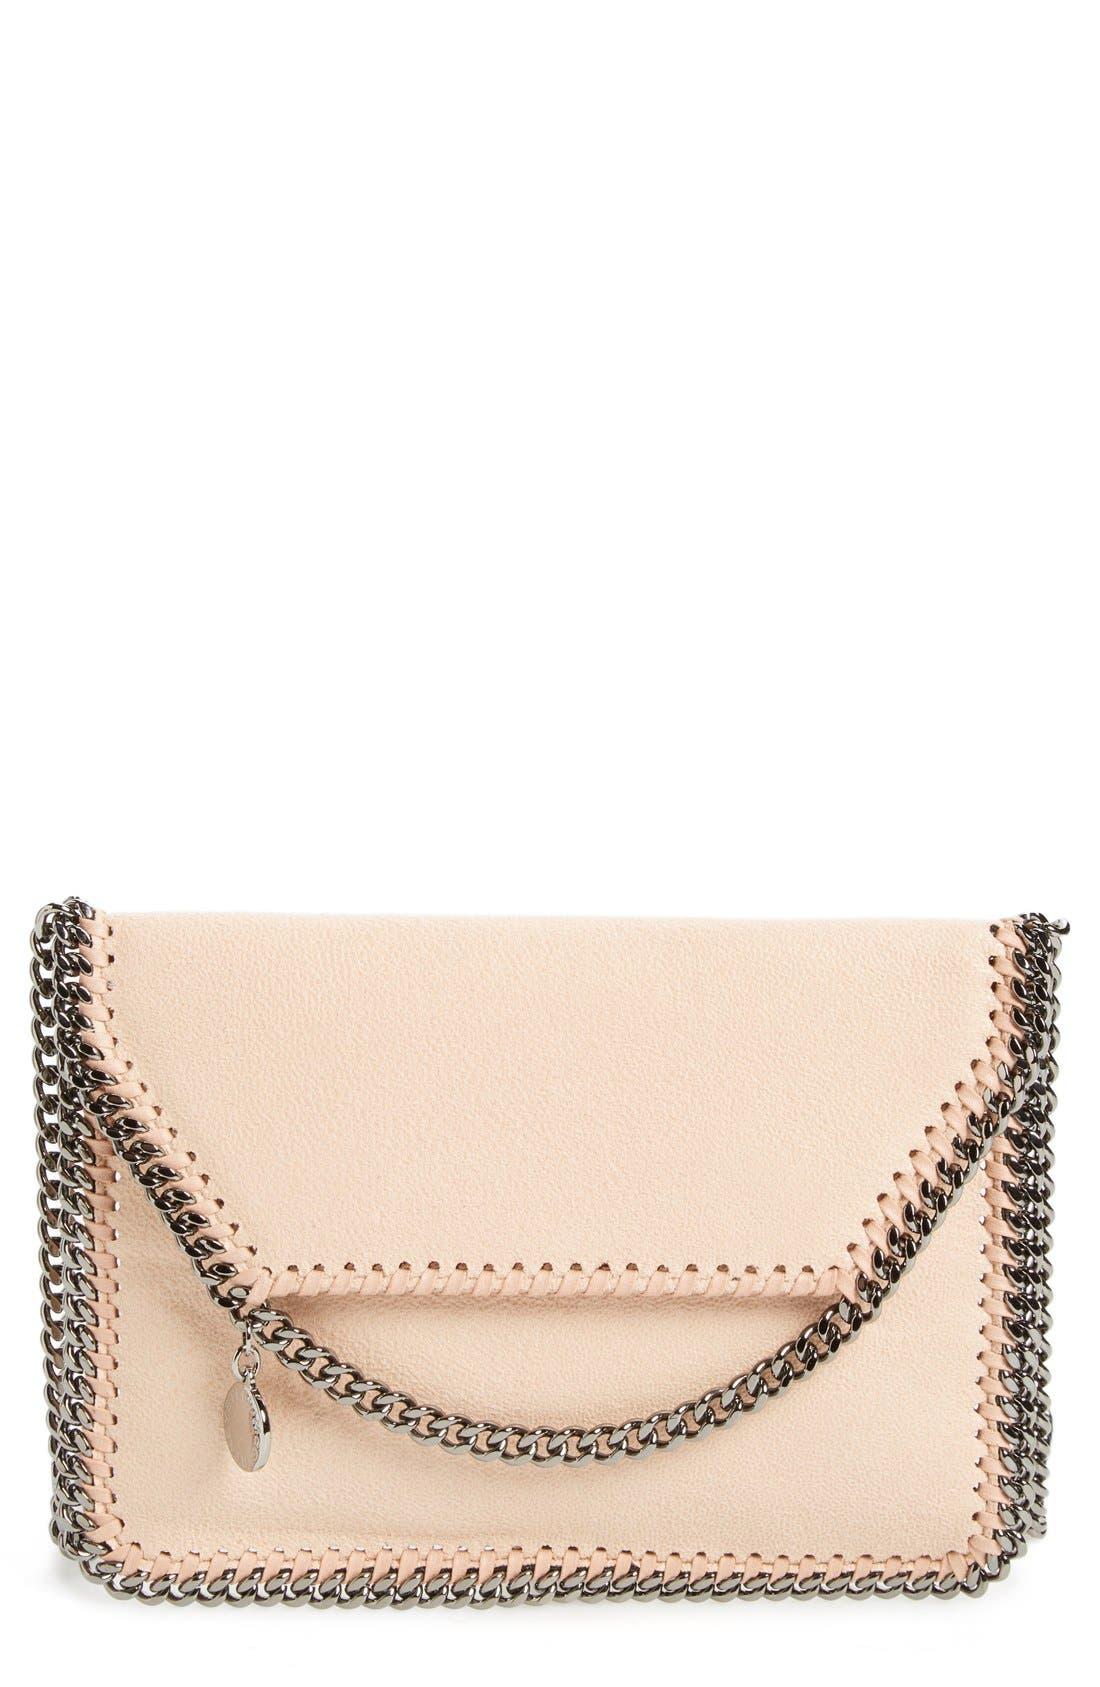 STELLA MCCARTNEY Mini Falabella - Shaggy Deer Faux Leather Crossbody Bag